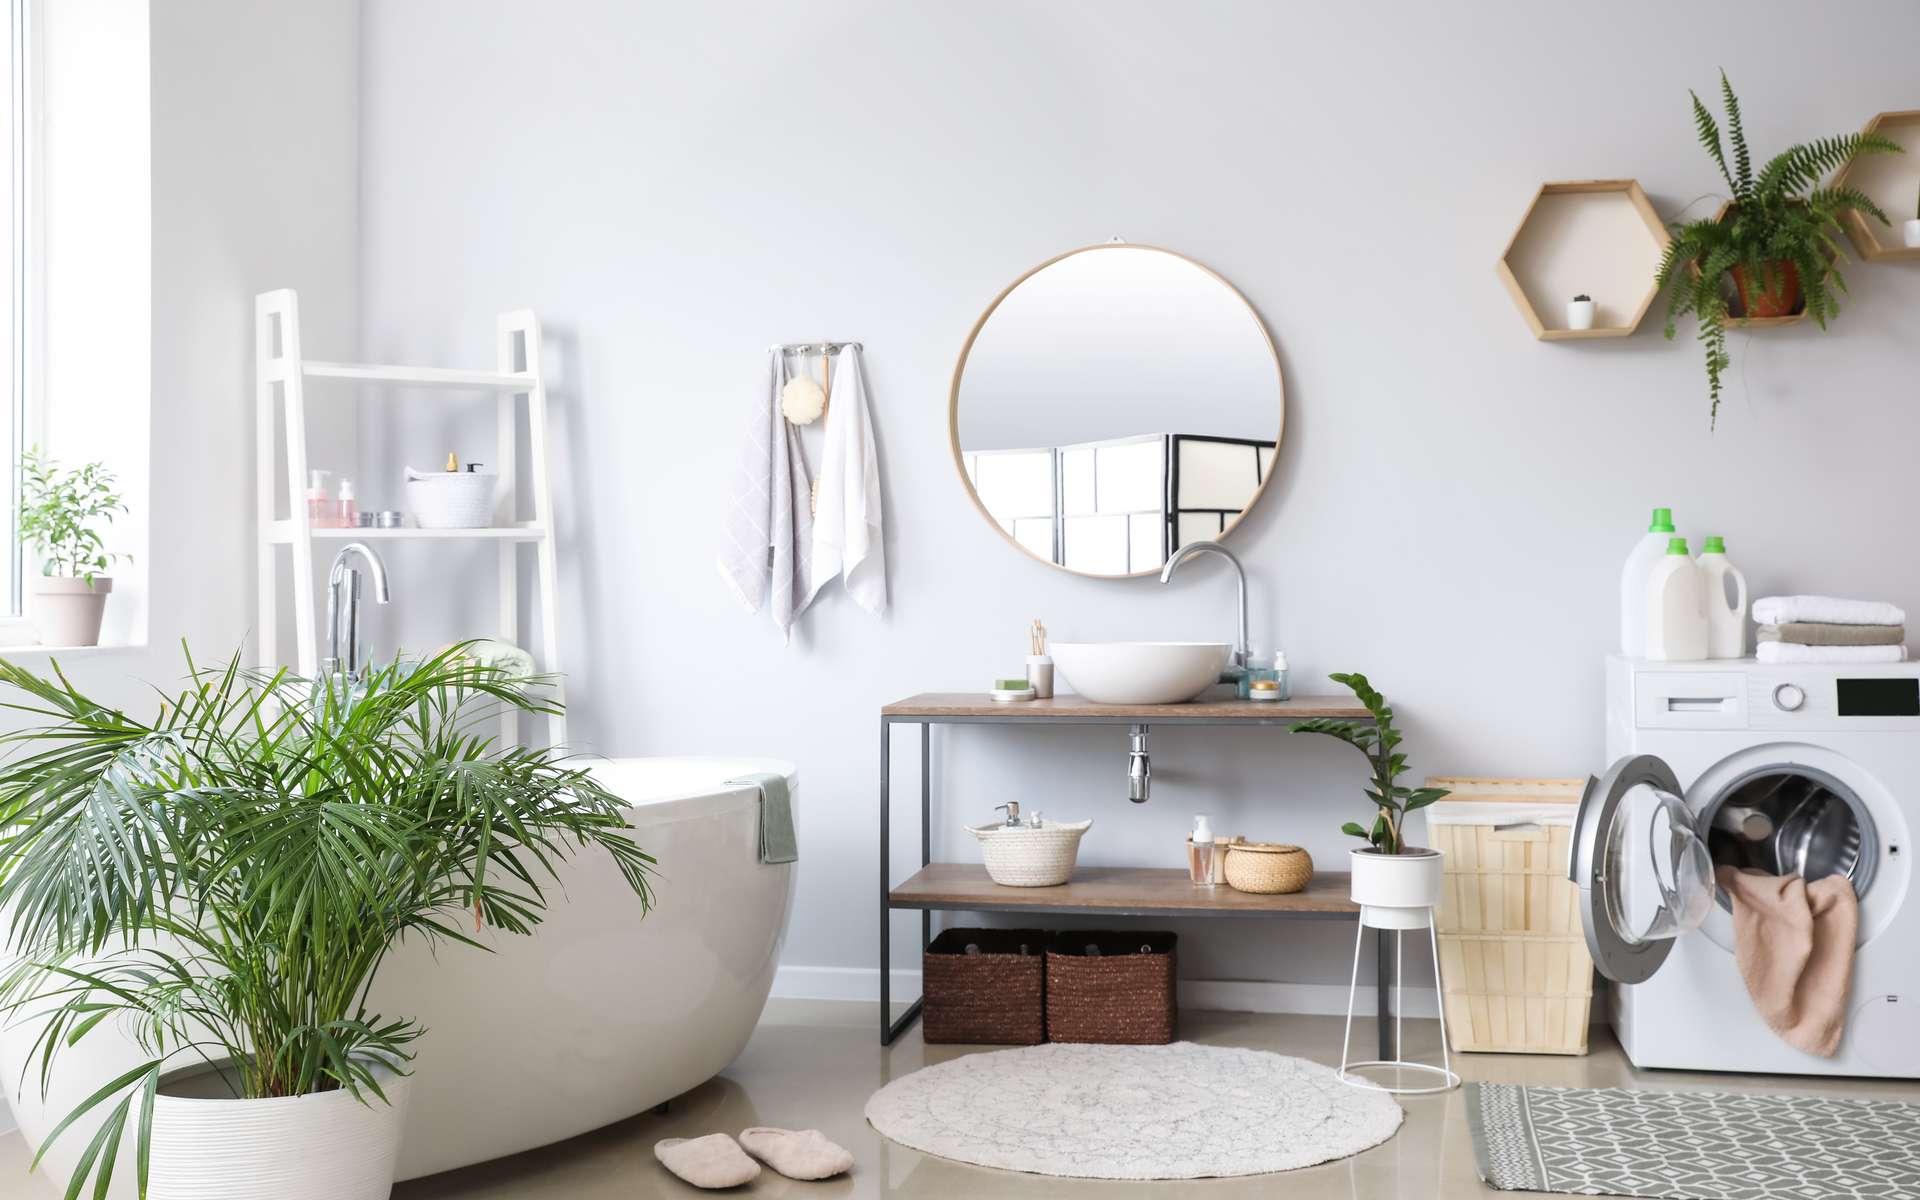 Pièce humide par excellence, la salle de bains met à mal peintures et enduits. La composition de l'enduit Magic' pièces humides de Toupret répond à cette problématique. ©Pixel-Shot